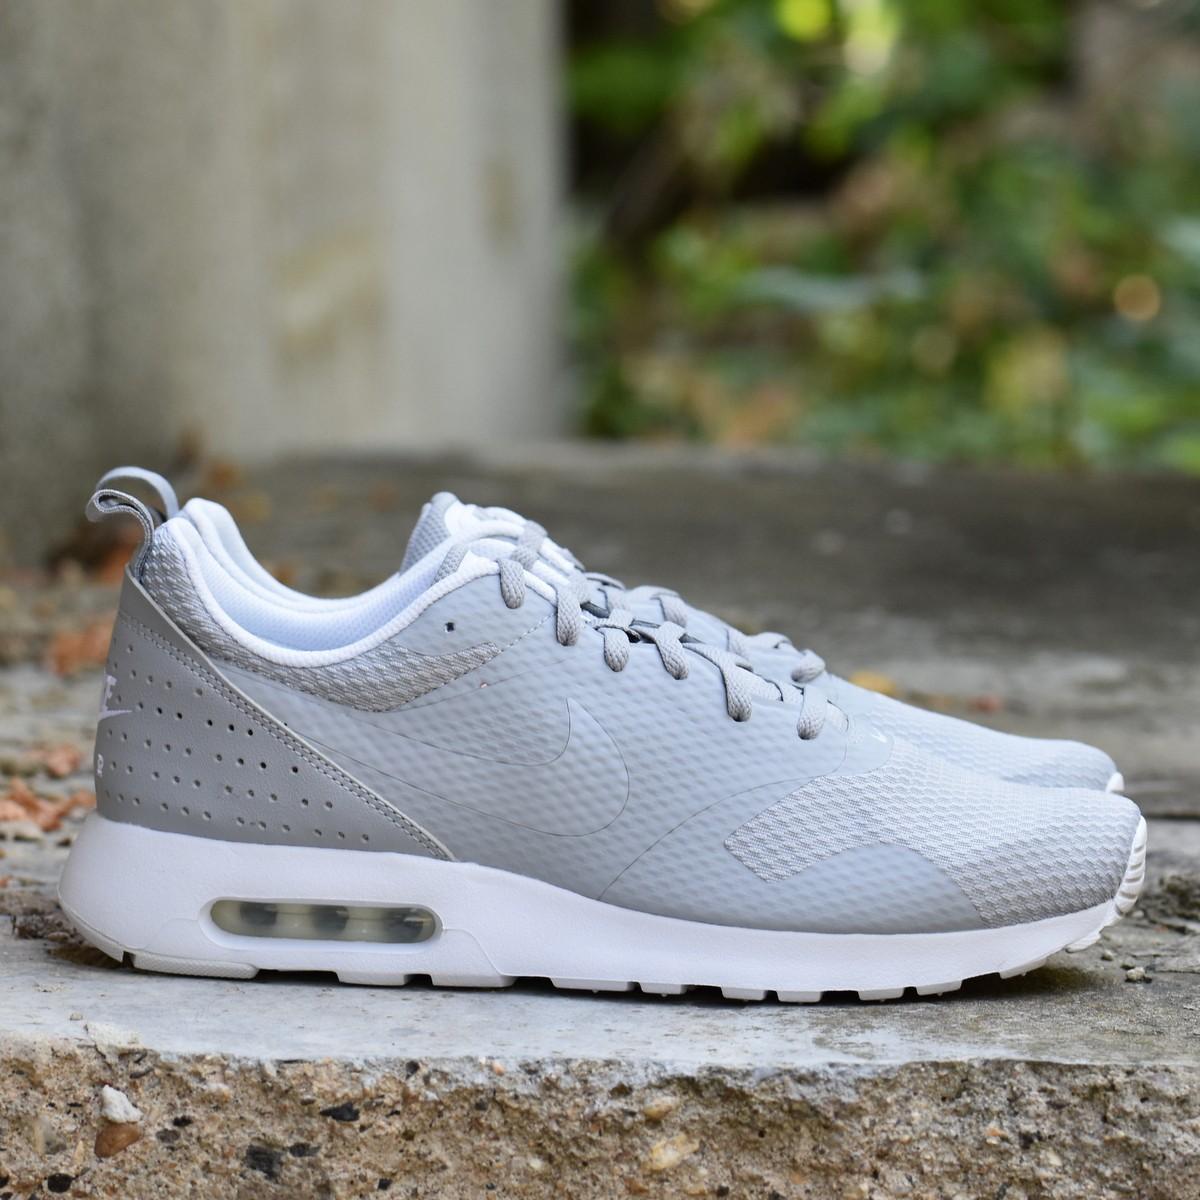 b4b6d266710 Nike AIR MAX TAVAS Pánské boty EU 44 705149-028